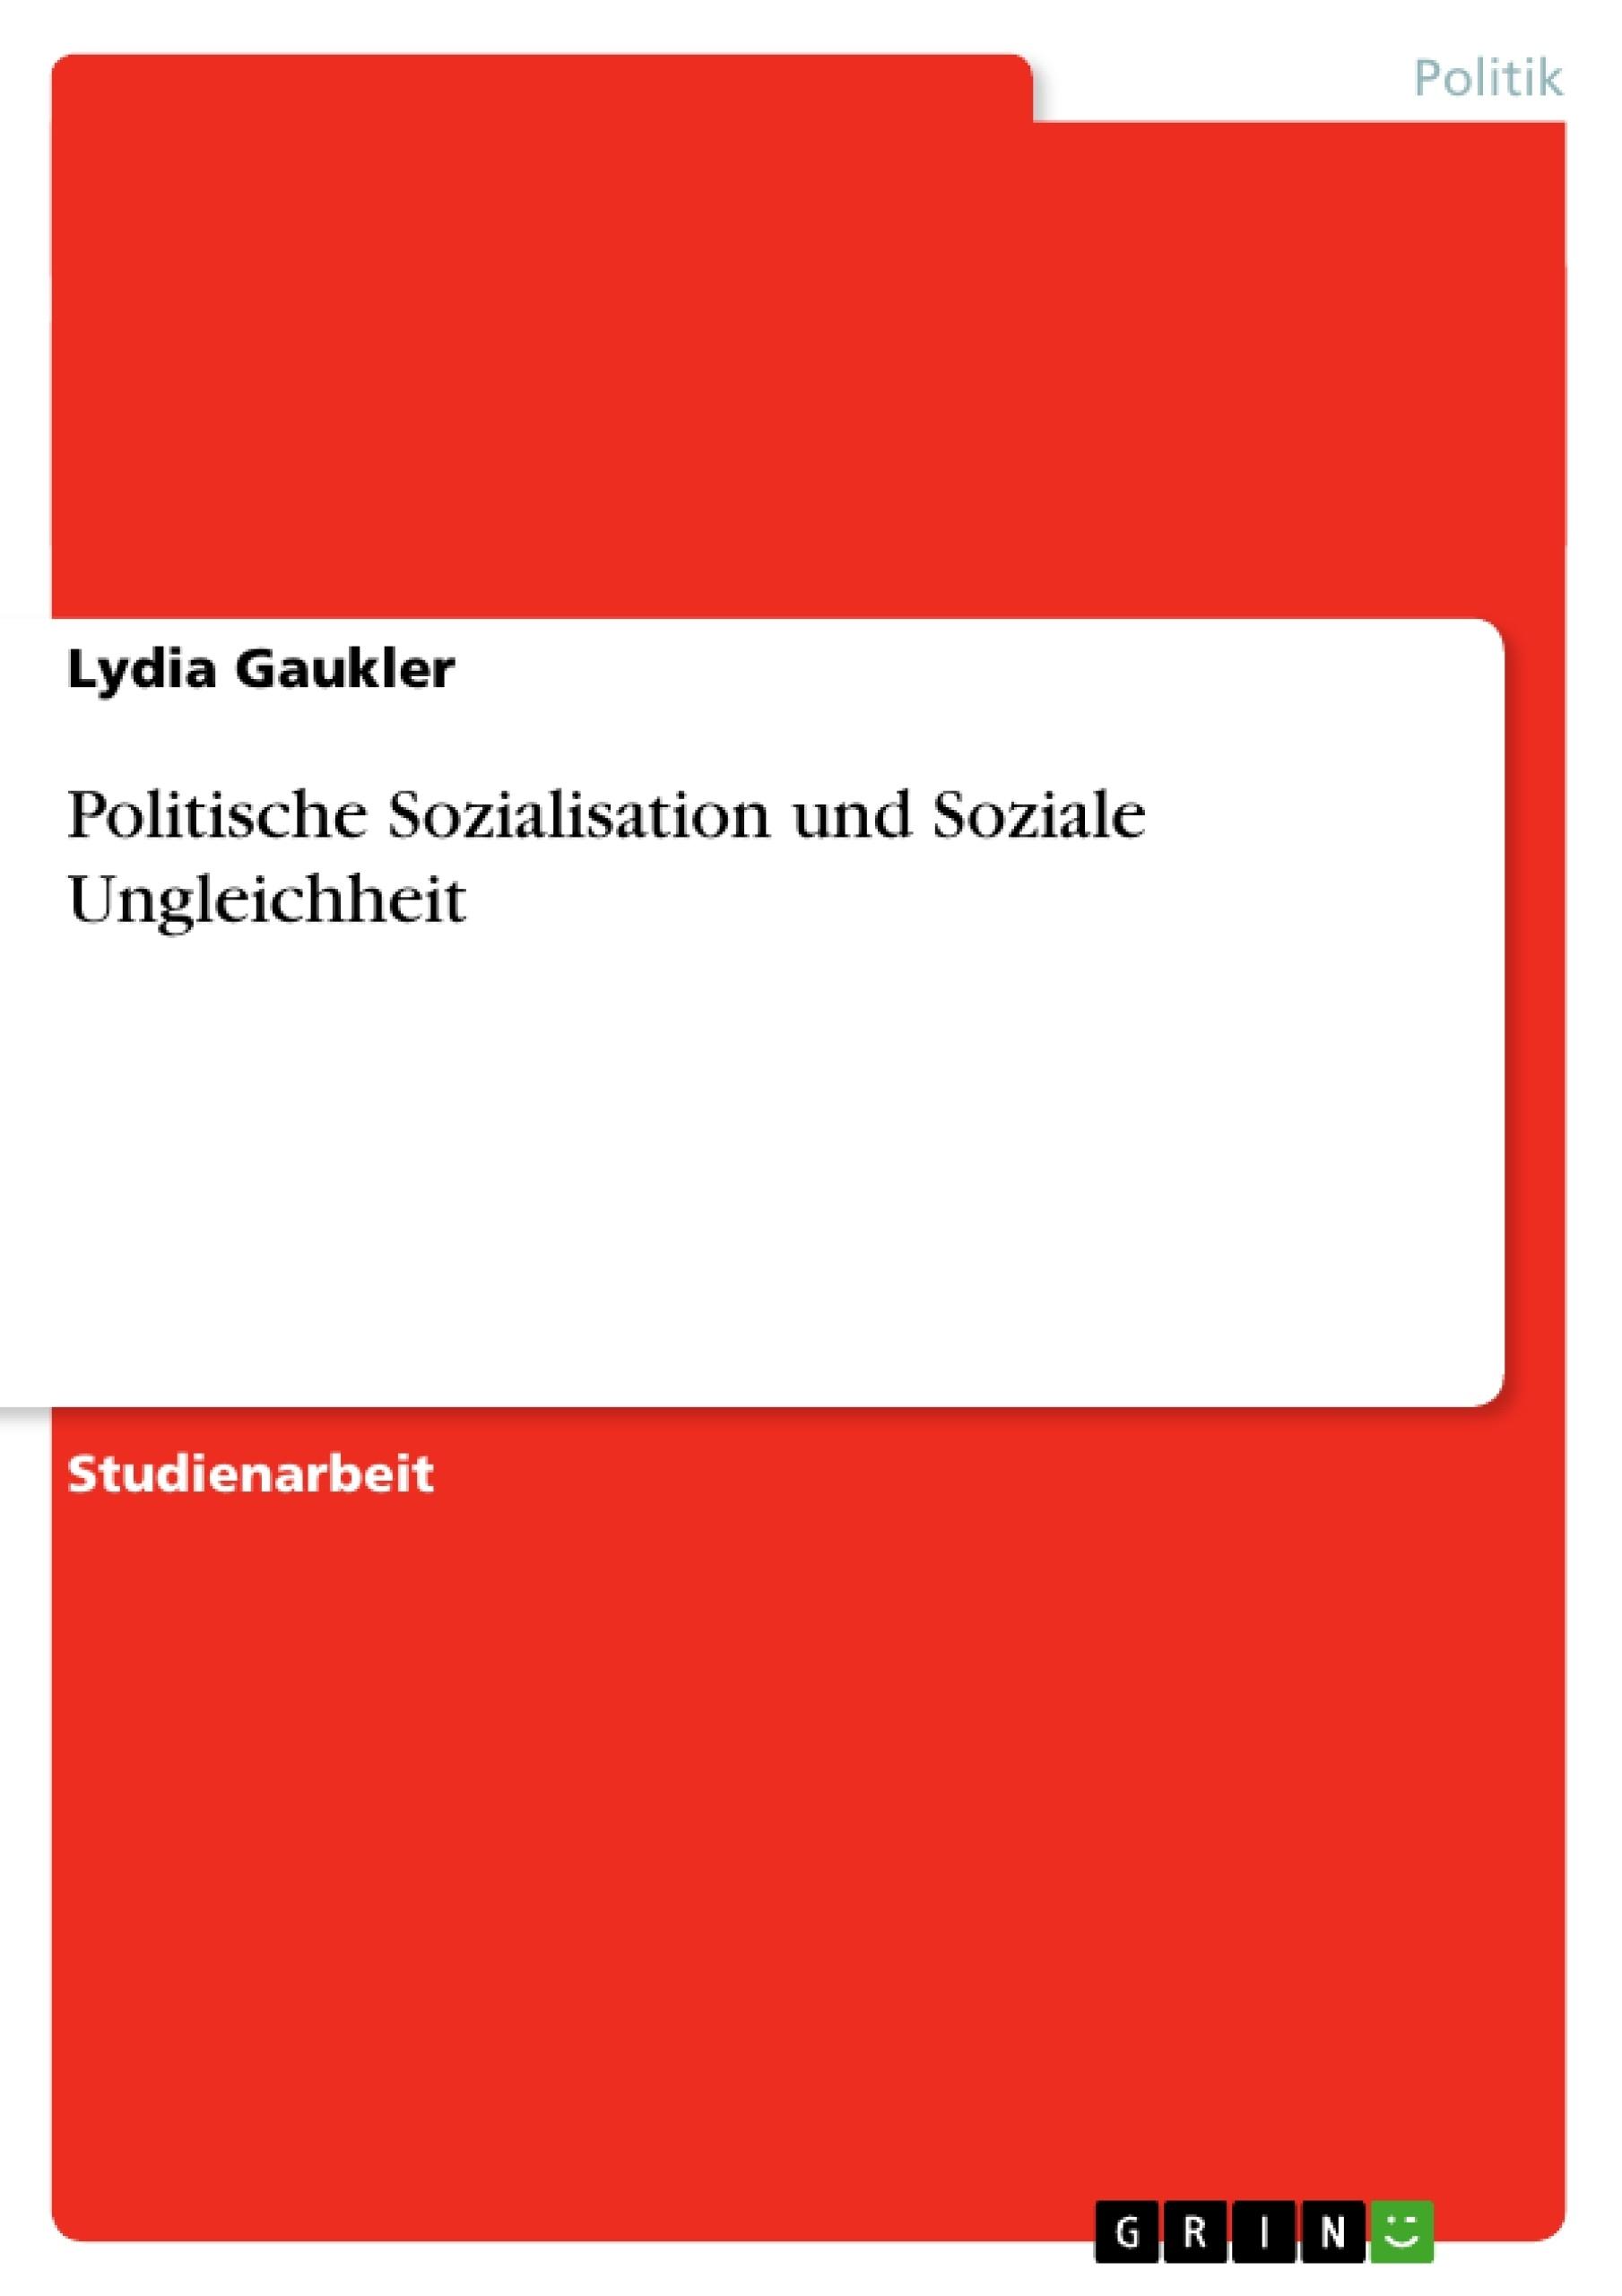 Titel: Politische Sozialisation und Soziale Ungleichheit